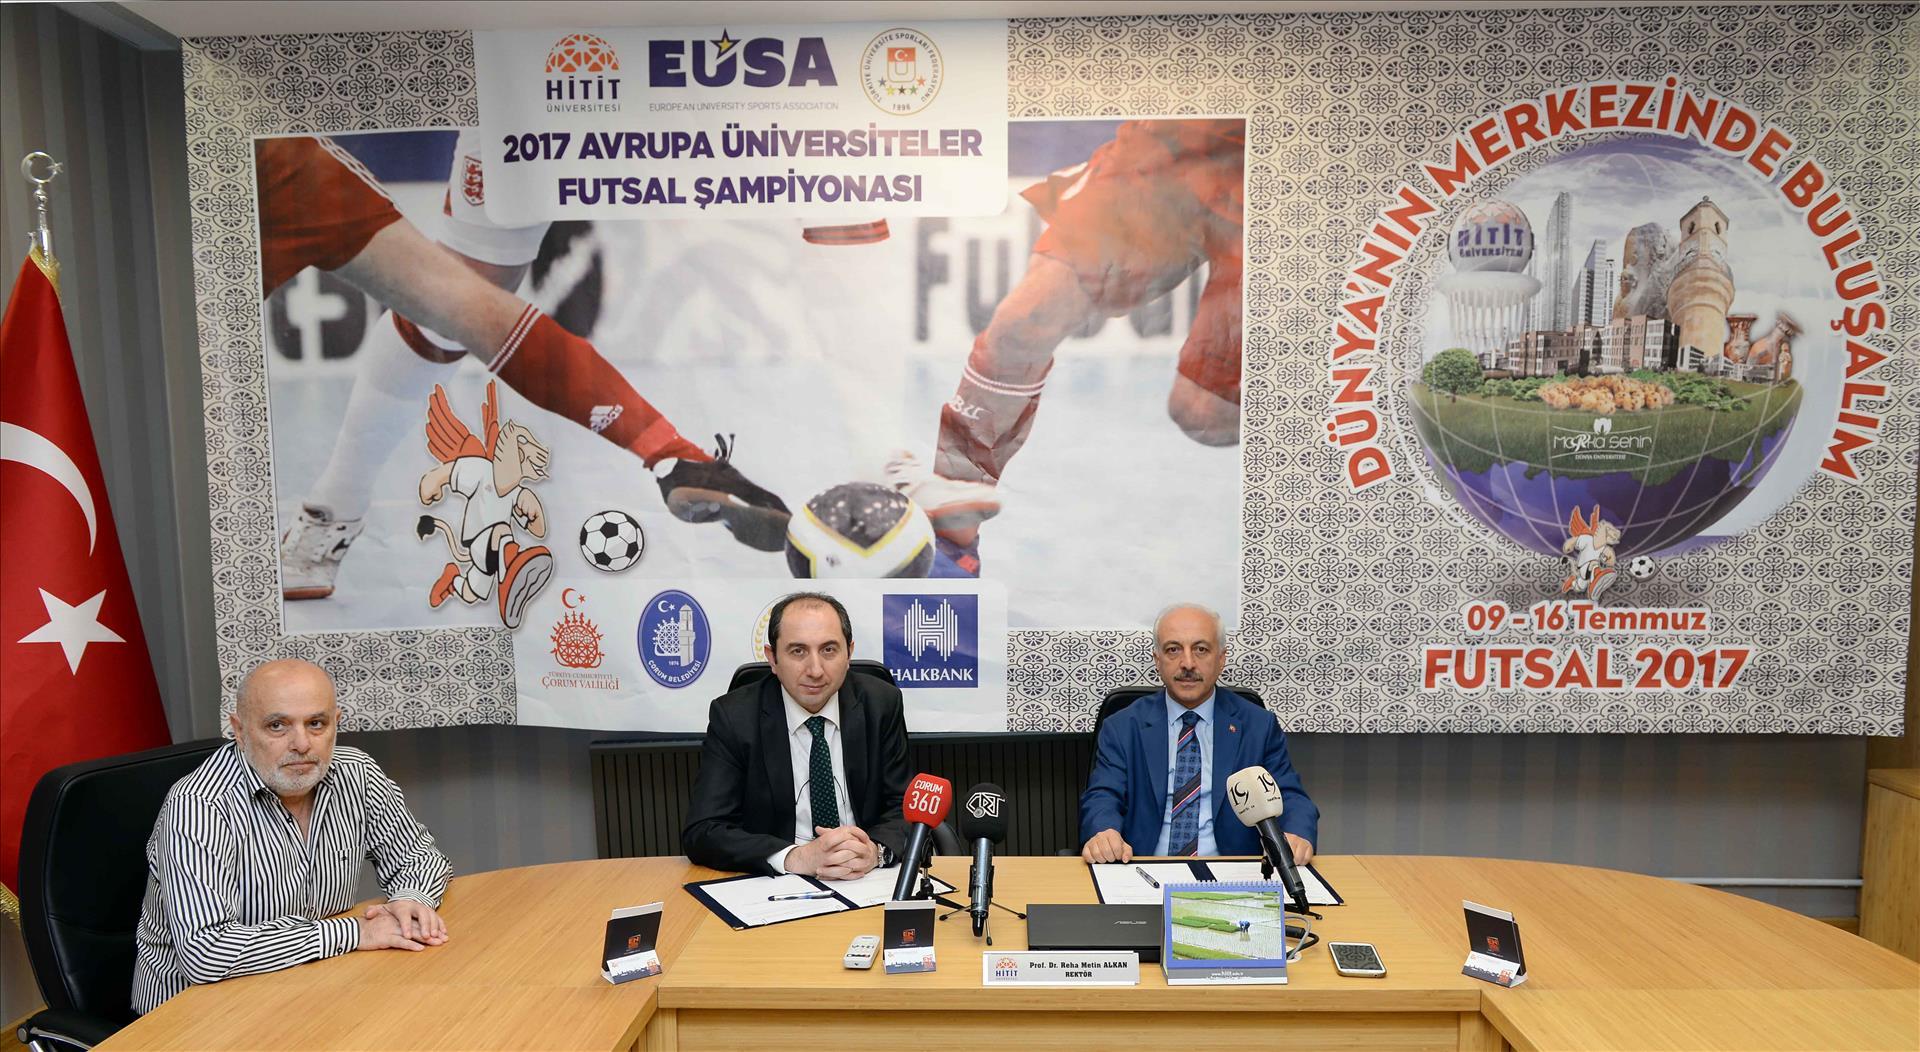 Üniversitemiz ile Çorum Belediyesi Arasında Futsal 2017'ye İlişkin İş Birliği Protokolü İmzalandı